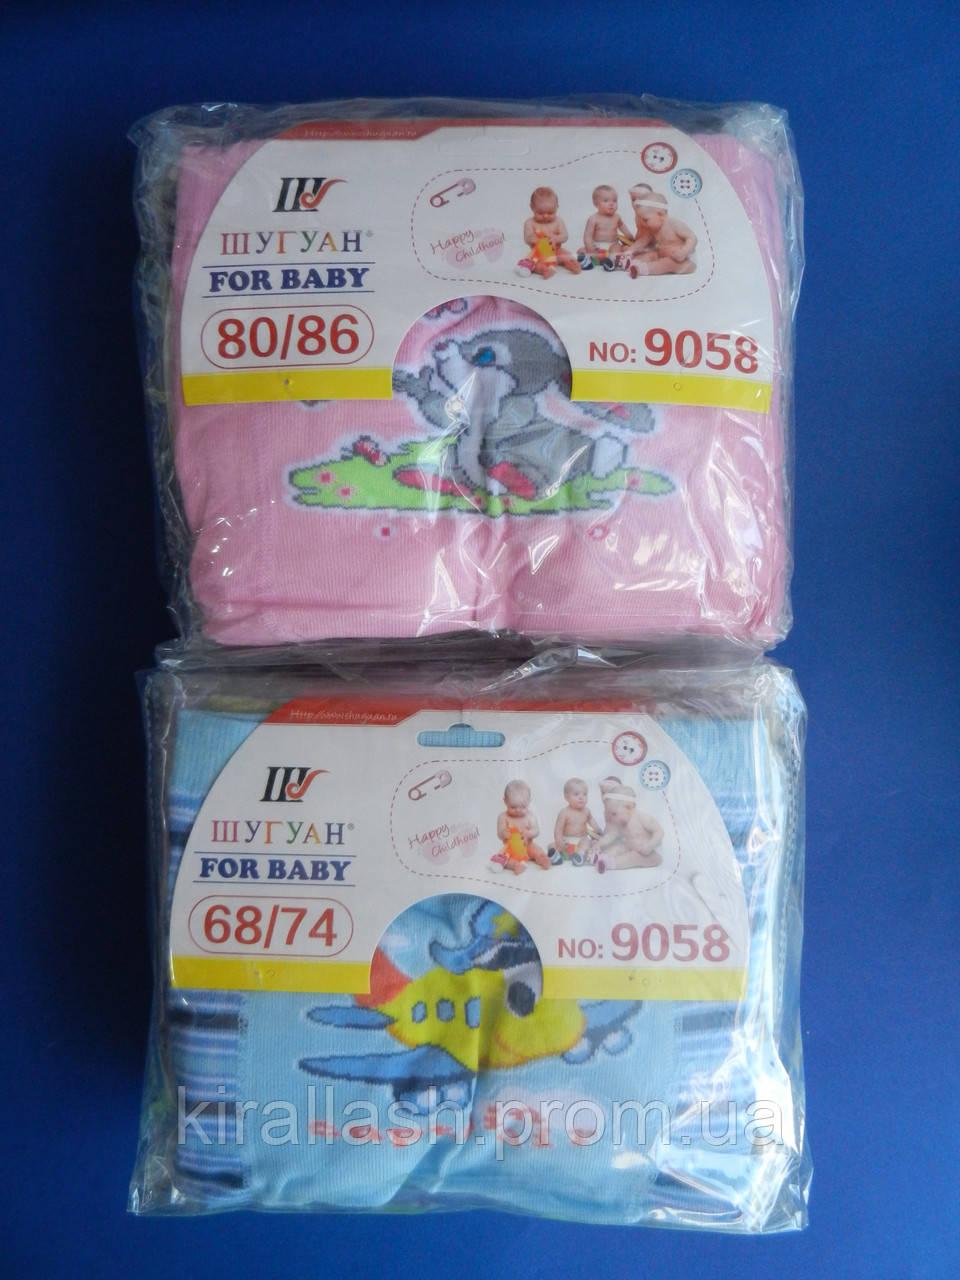 """Детские (80-86) колготки хлопок для девочек и мальчиков """"Шугуан"""" БЕБИКИ на попе с рисунком"""